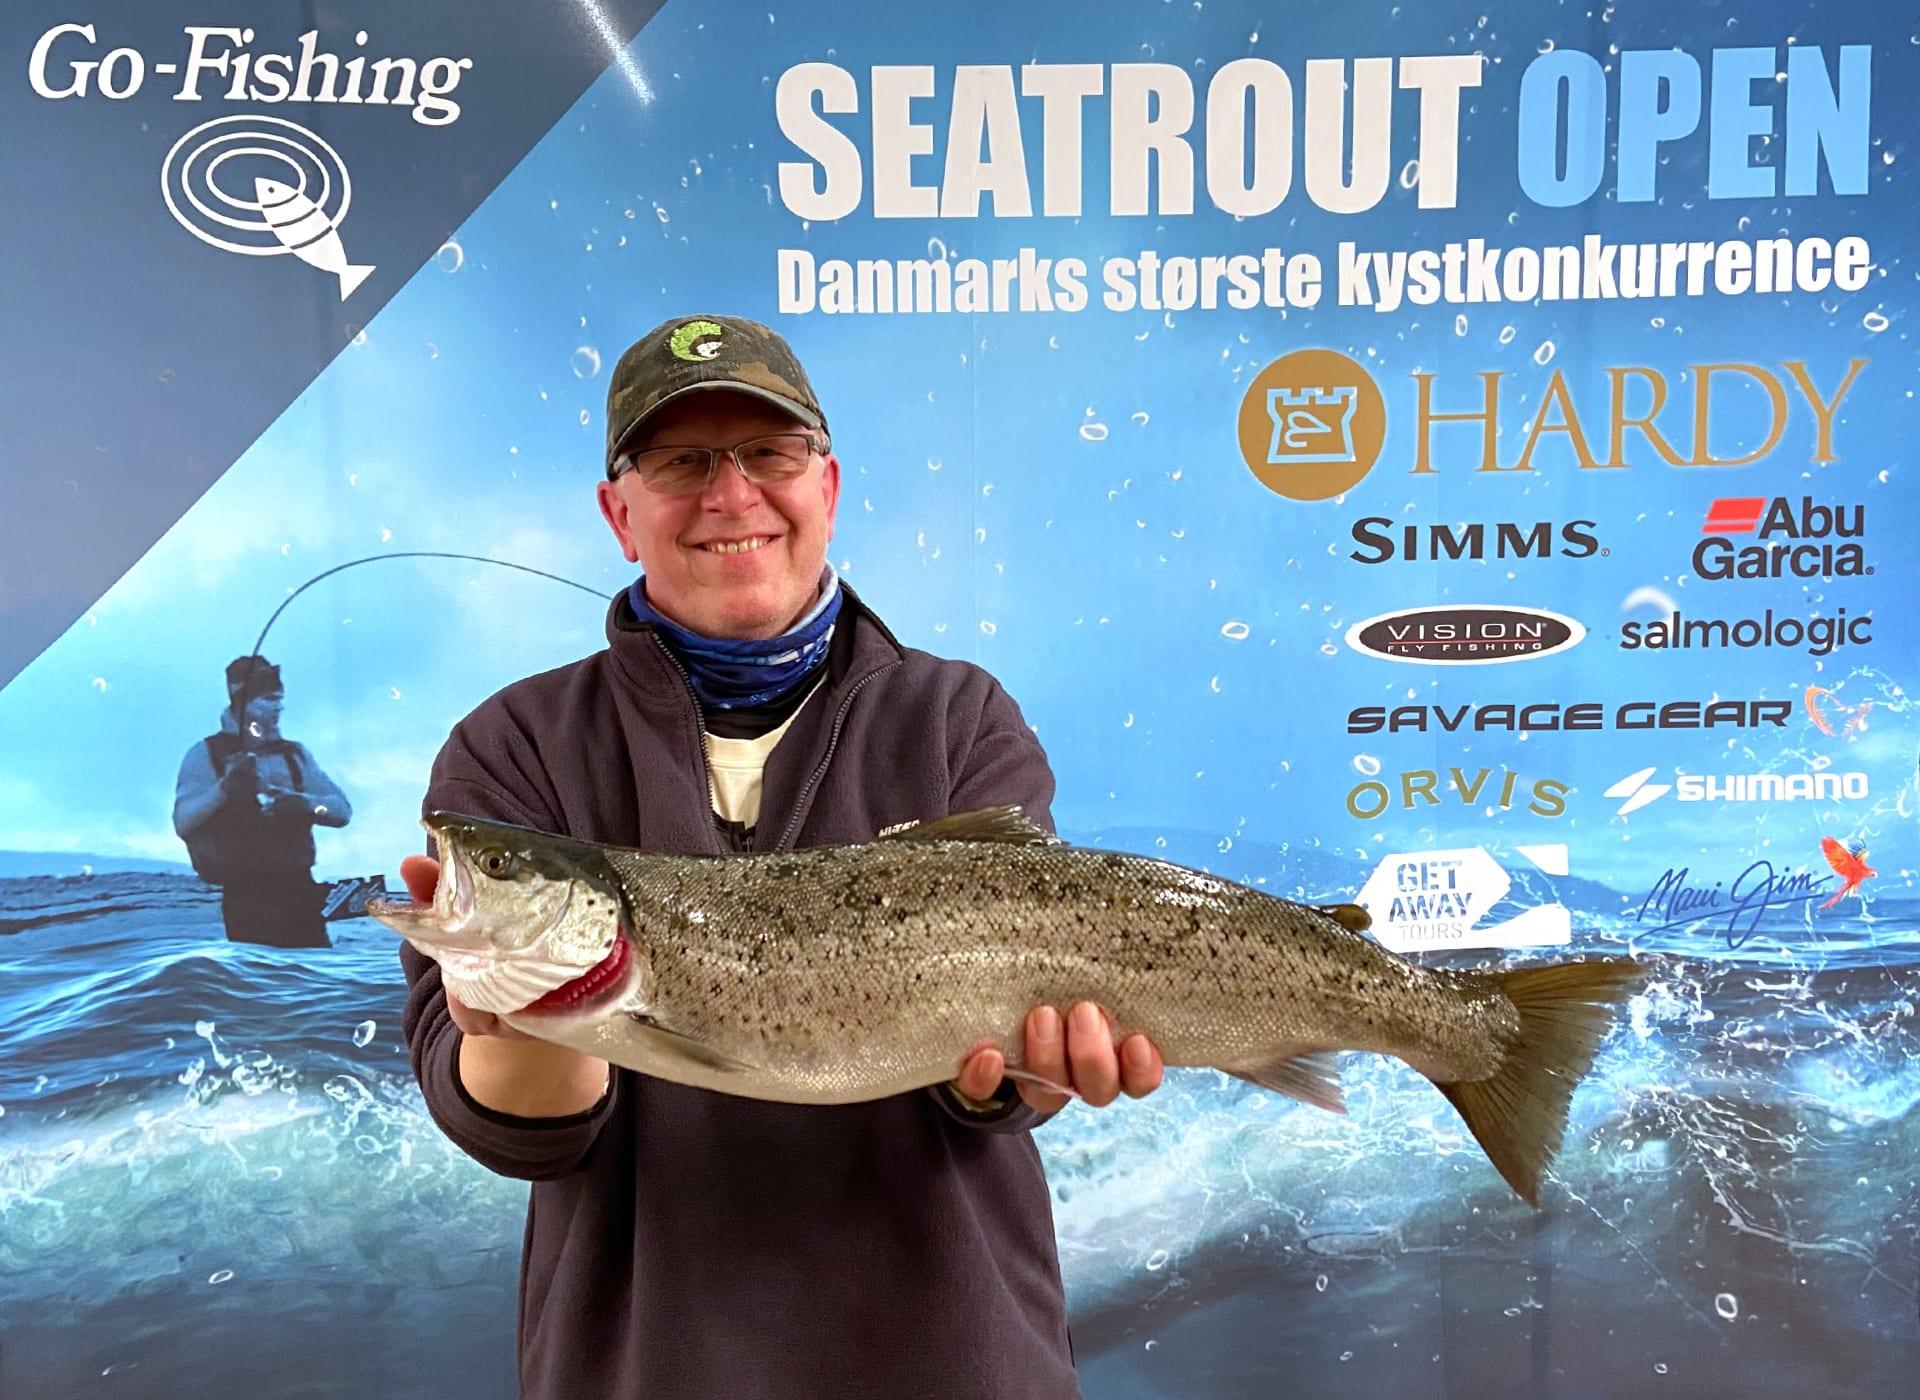 Seatrout Open deltager Stig Funder med en flot havørred